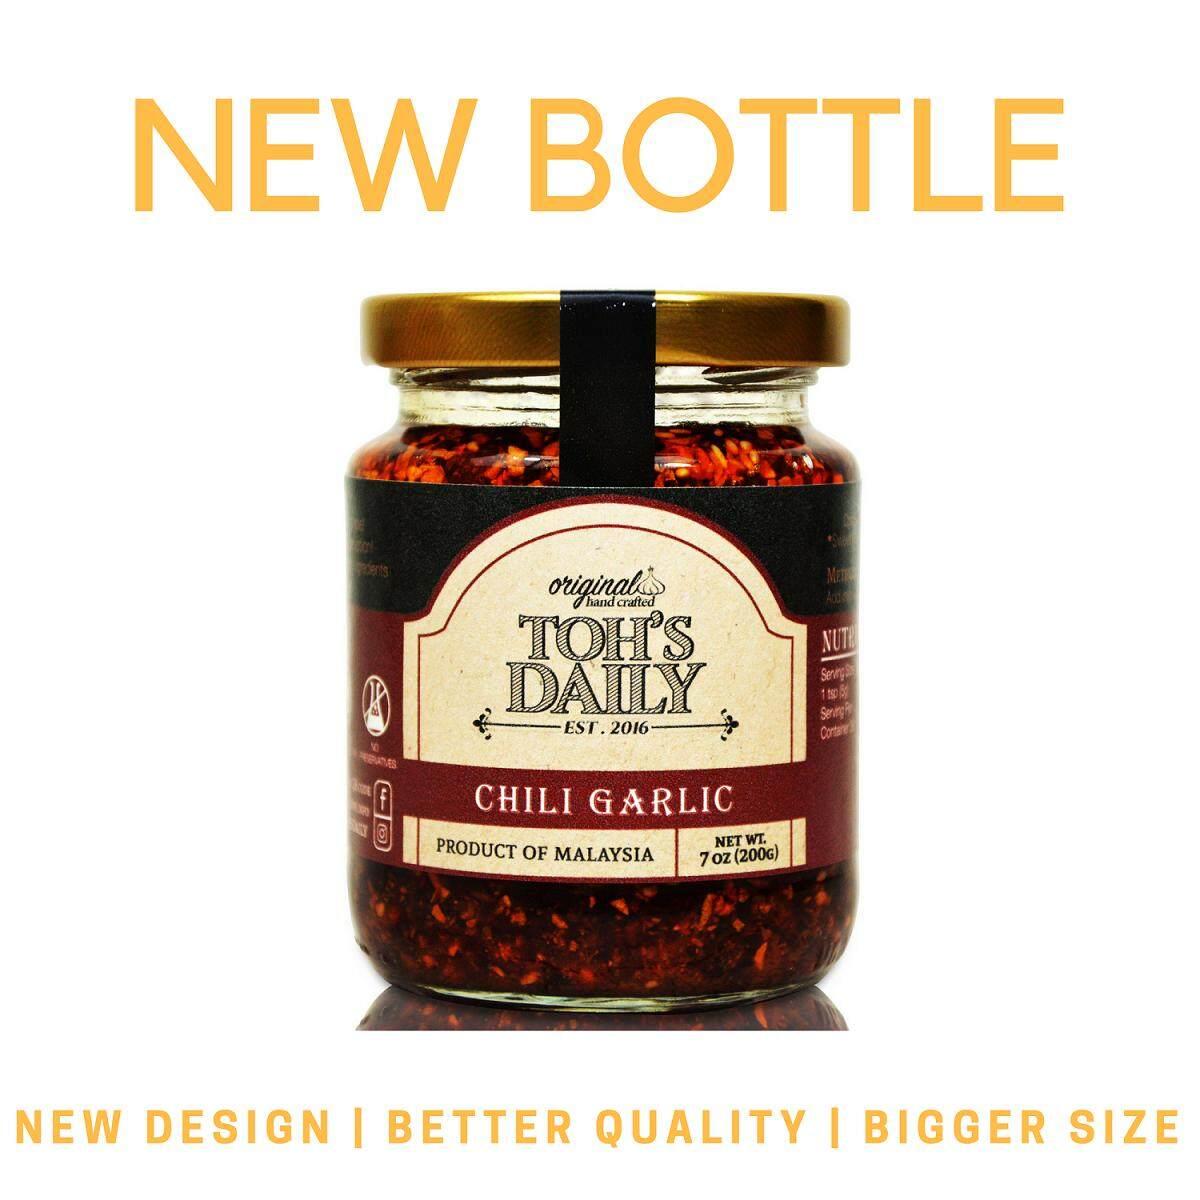 TOH'S DAILY Chili Garlic, 200g